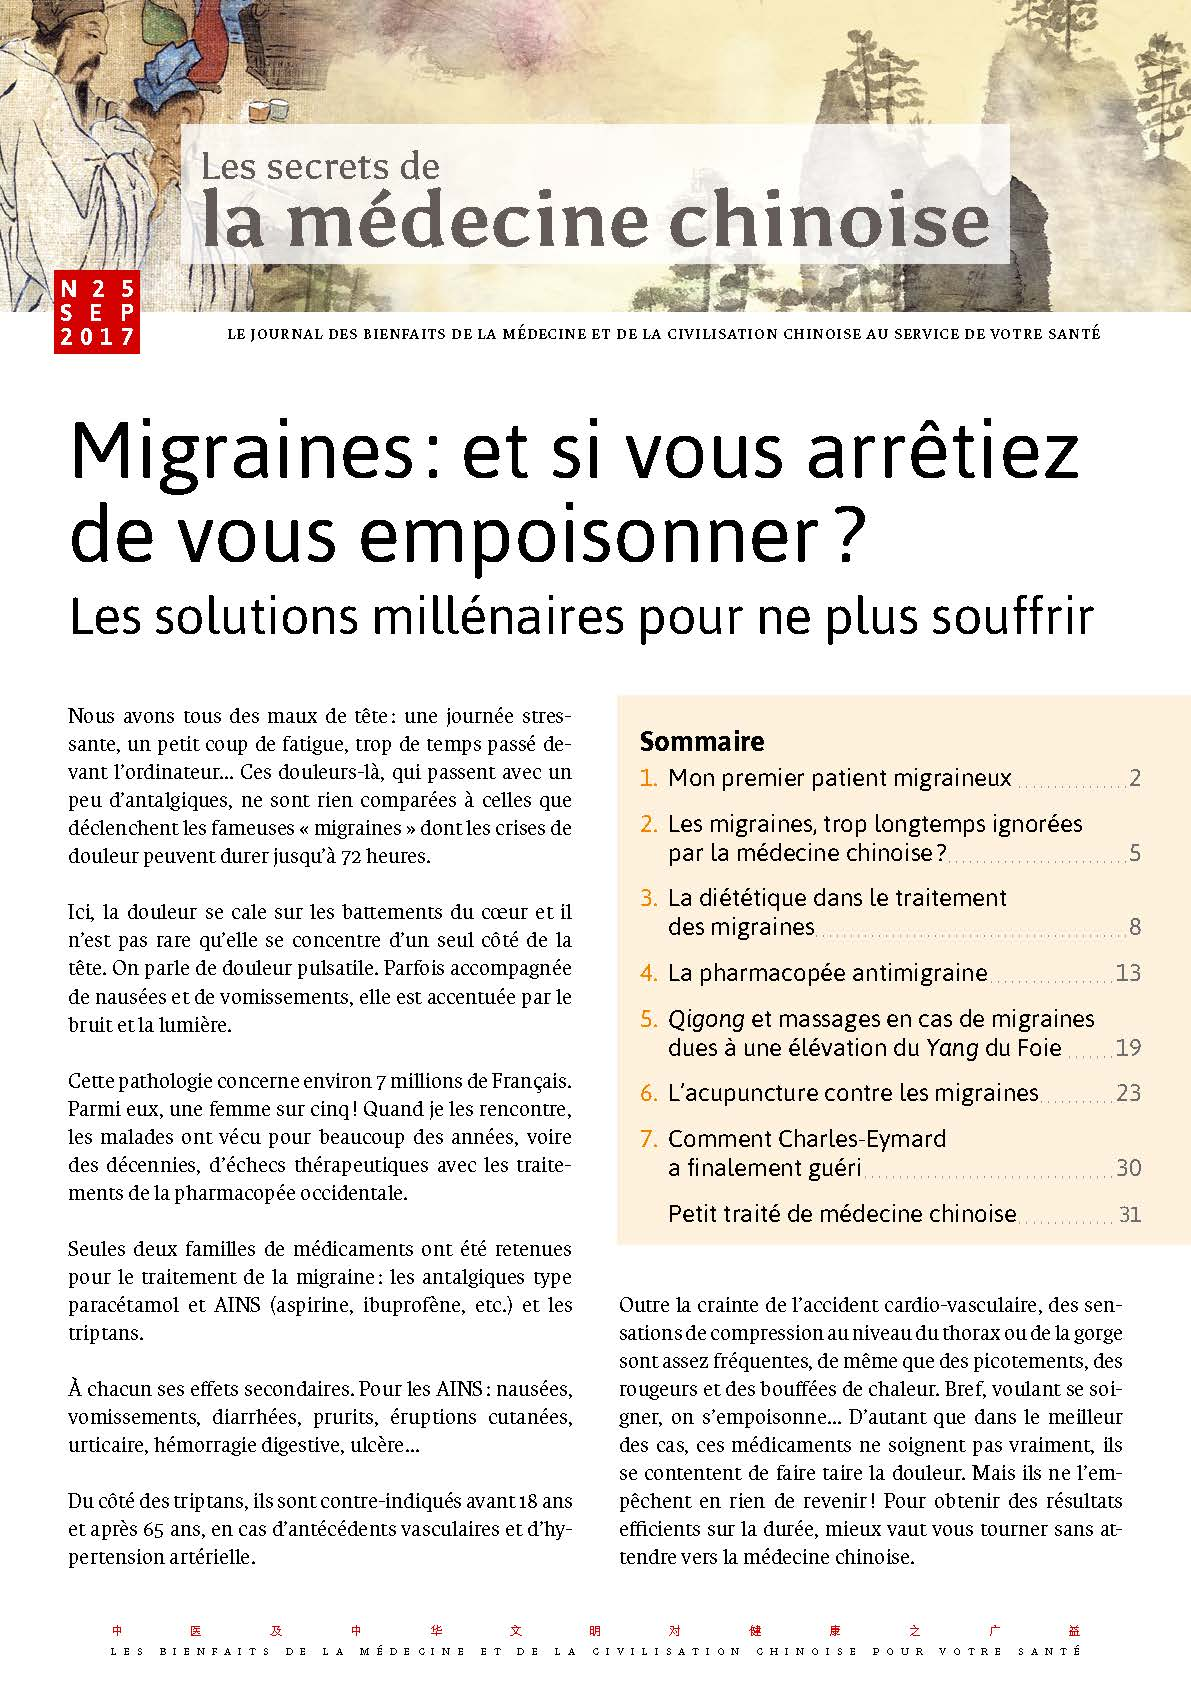 25-Septembre-2017-Migraines-et-si-vous-arretiez-de-vous-empoisonner-SD-xE